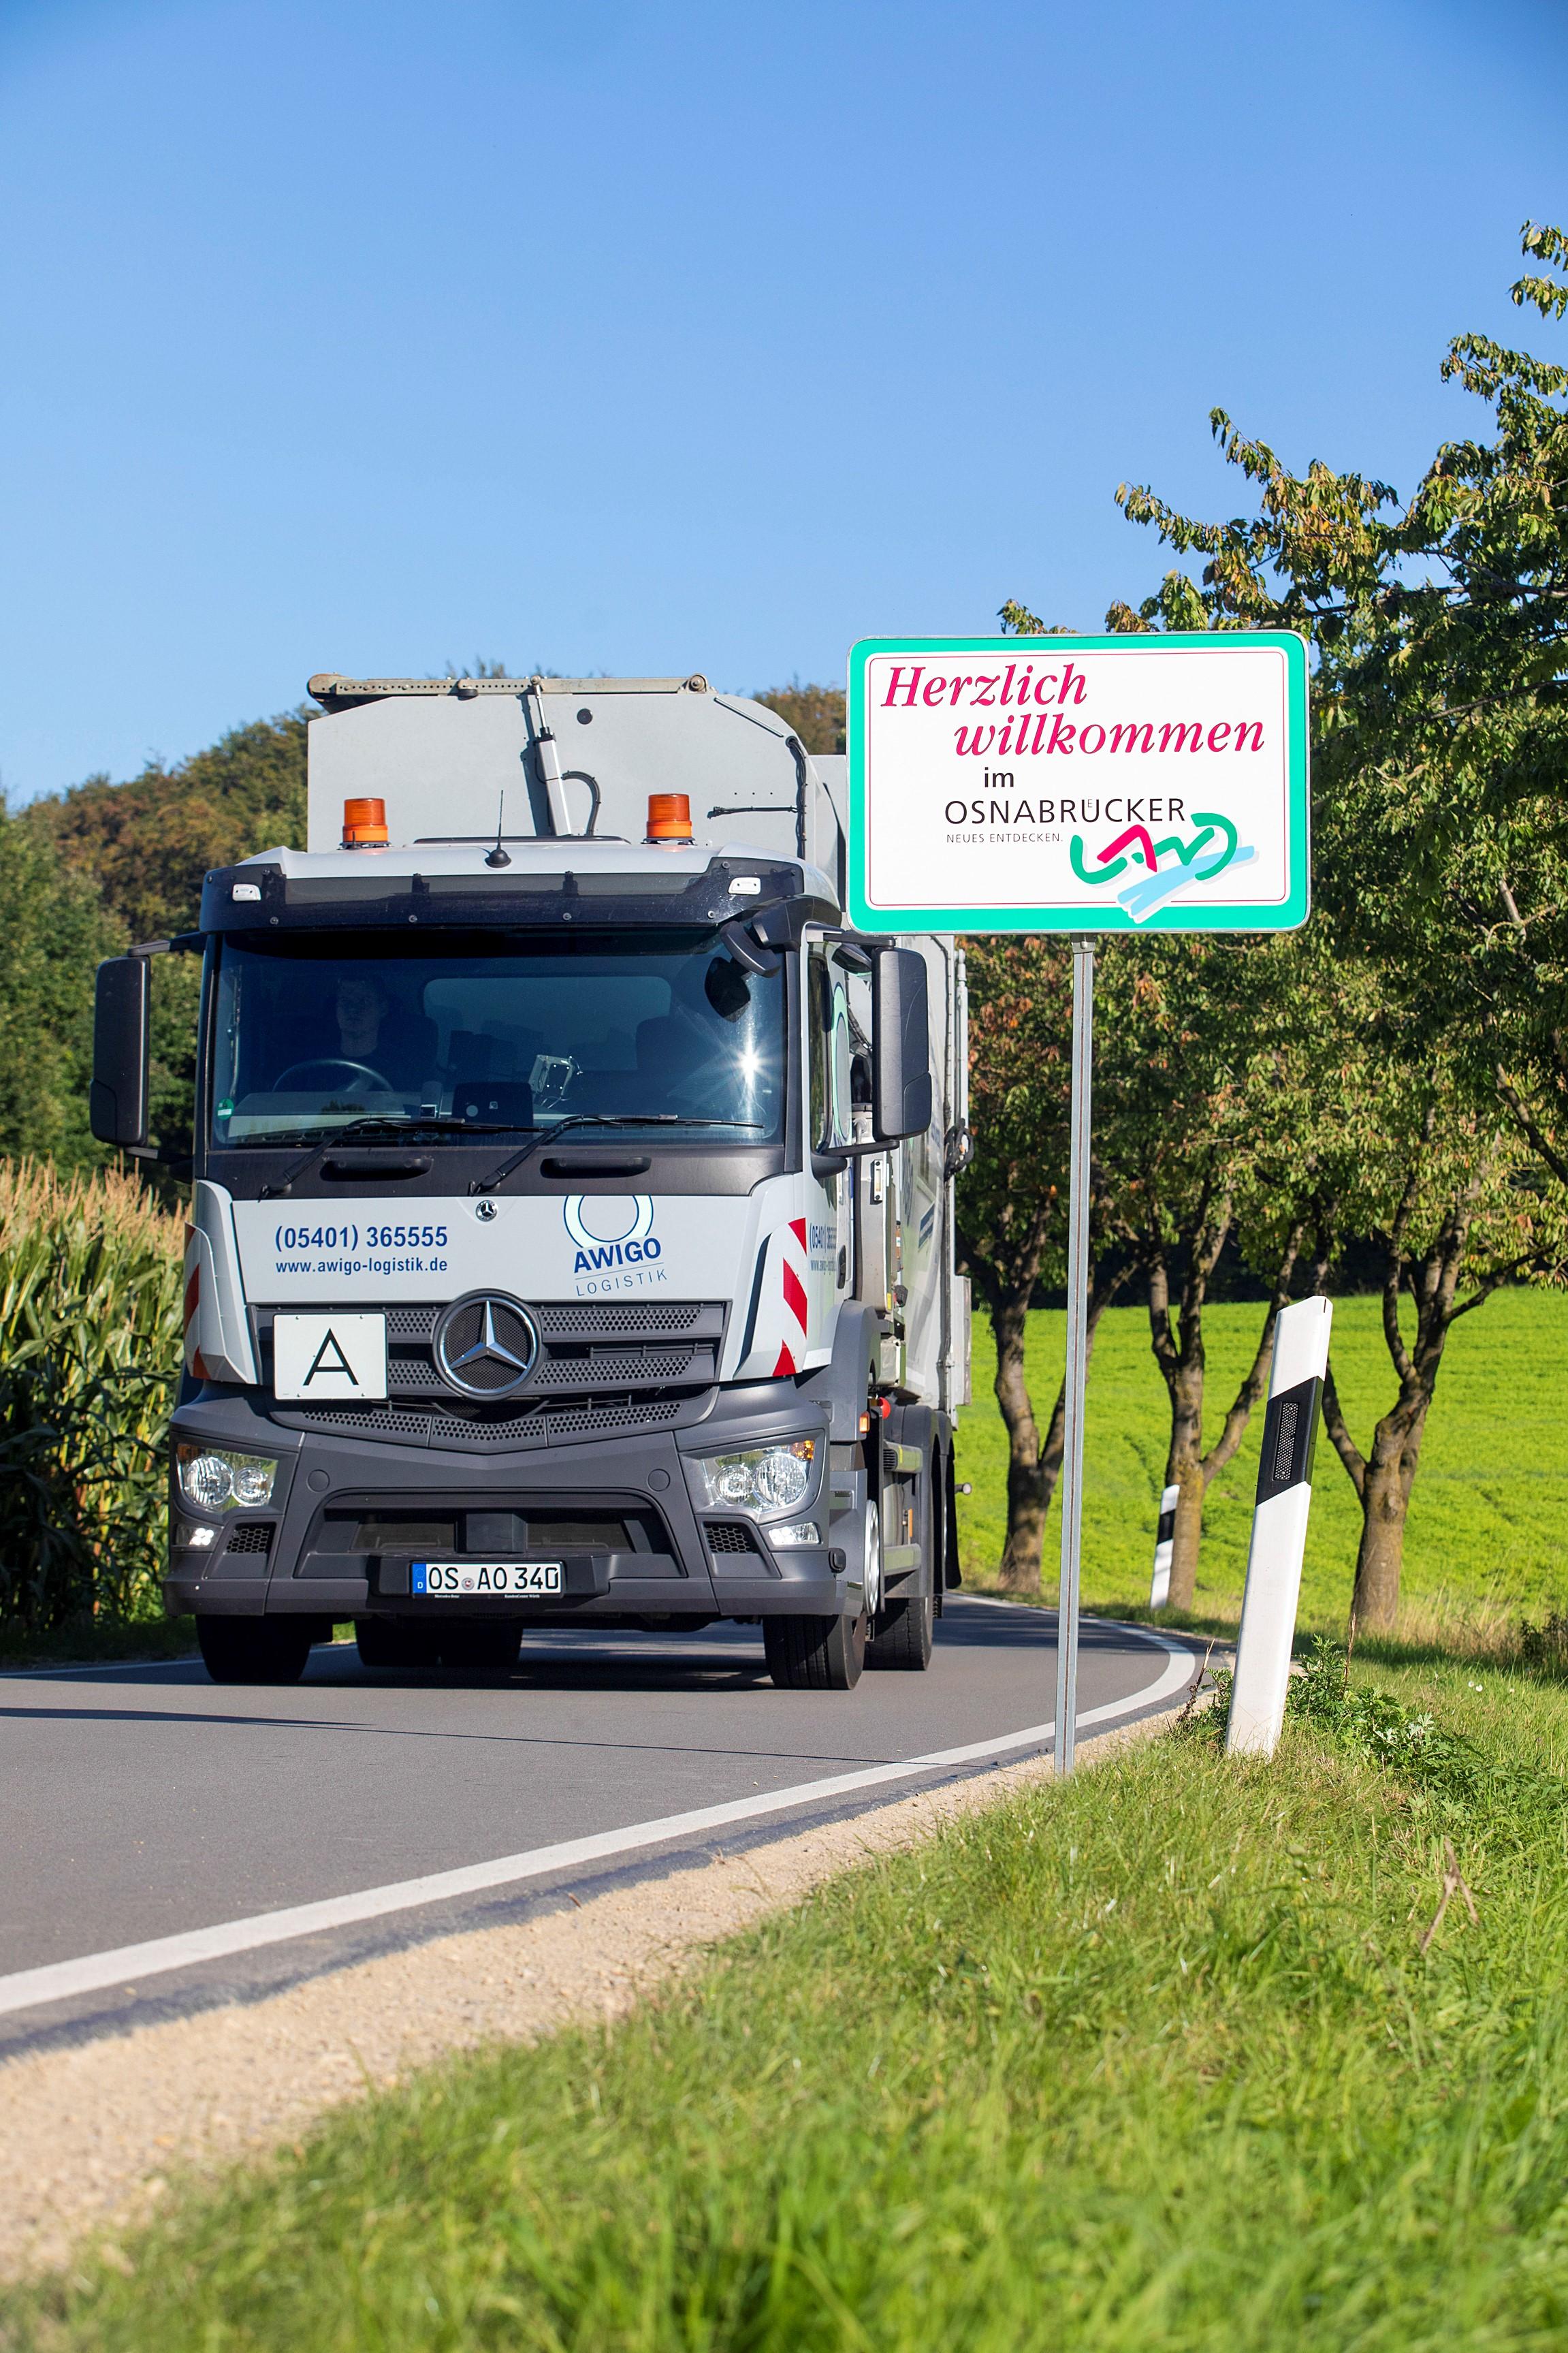 Die AWIGO-Gruppe ist nicht nur ein verlässlicher Entsorger, sondern auch eine Wirtschaftsgröße, von der die gesamte Region Osnabrück auf vielfache Weise profitiert.